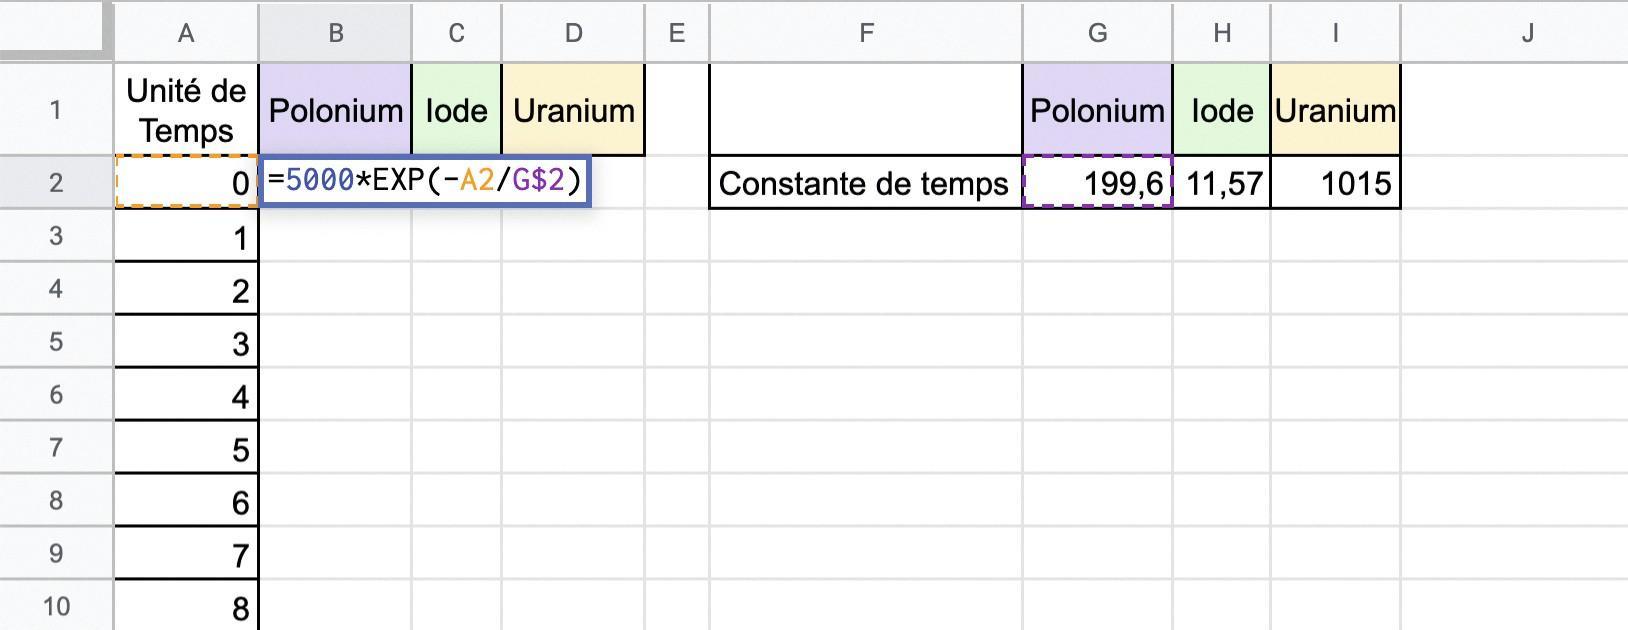 Évolution du nombre de noyaux radioactifs